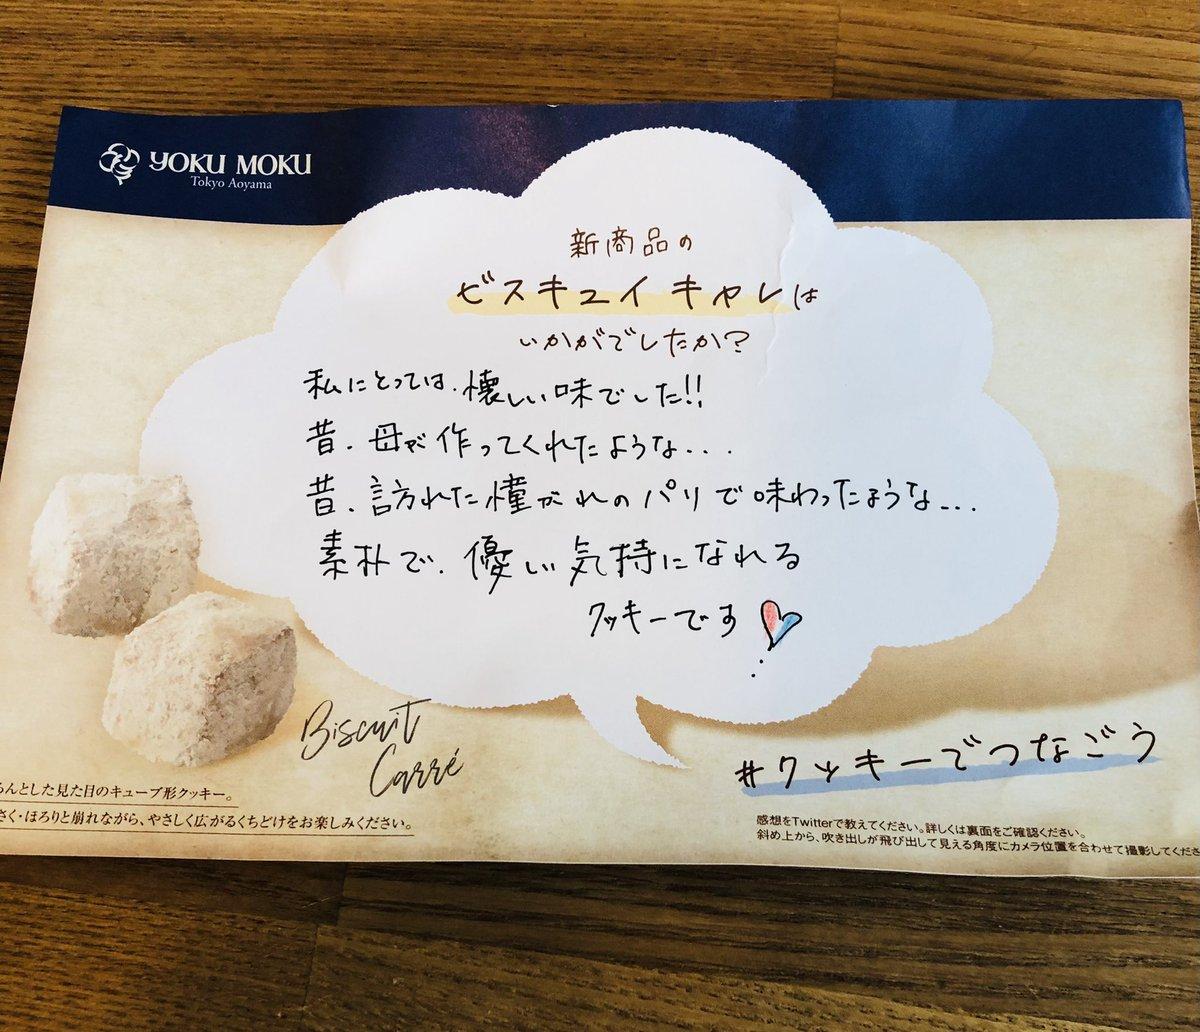 test ツイッターメディア - 世界で1番好きなお菓子(売ってるやつ)は、YokuMokuのcigar。これは新商品だって‼️ #ヨックモック #クッキーでつなごう #ヨックモック青山本店 https://t.co/VjMgmygzfT